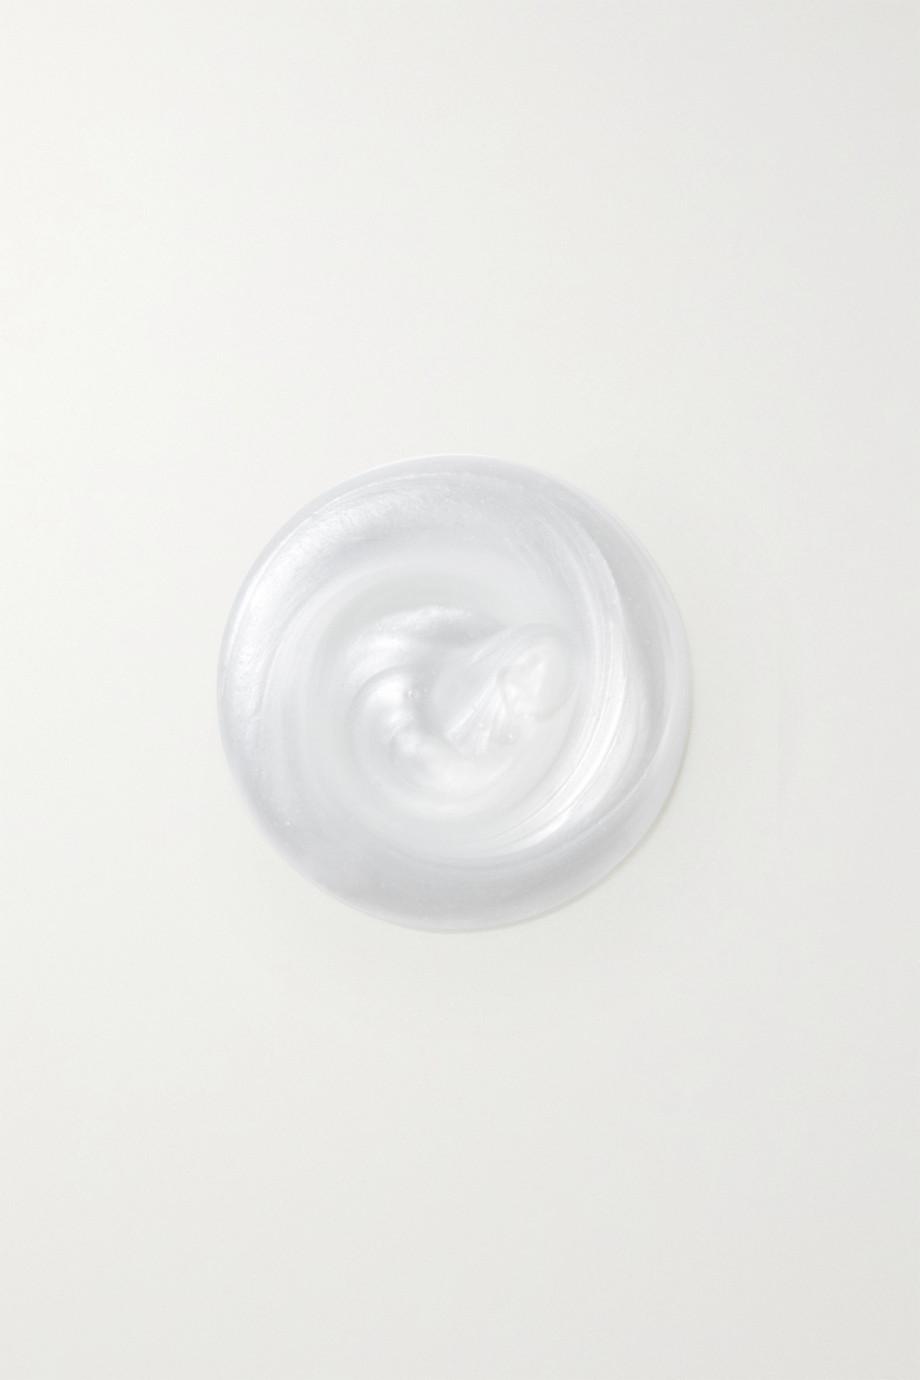 VENN Synbiotic Polyamine Body Wash, 400 ml – Duschgel